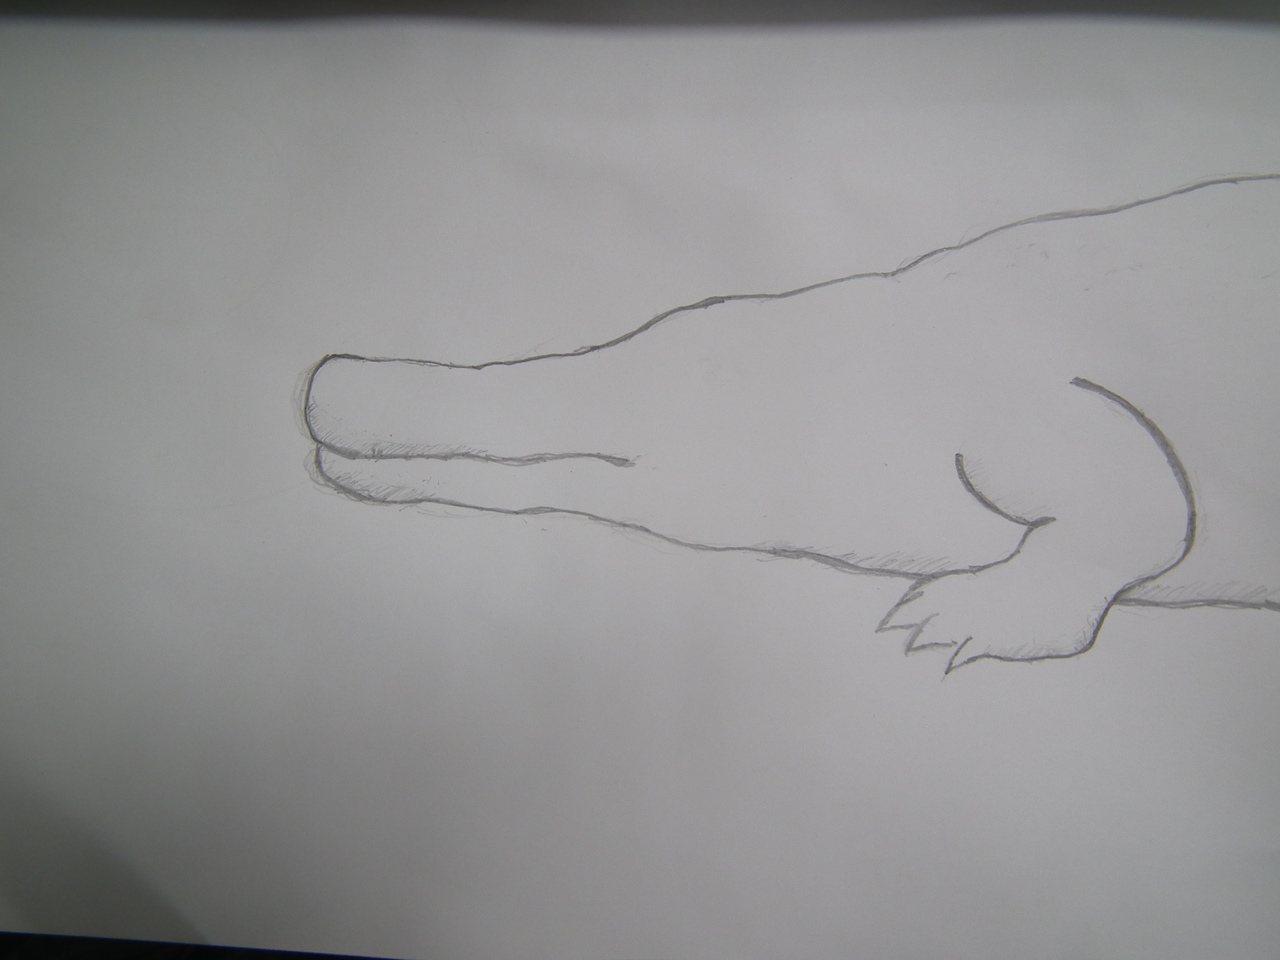 太麻里「鱷魚山」,山形就像圖畫中的鱷魚形態,一眼就知道是鱷魚。 記者尤聰光/攝影